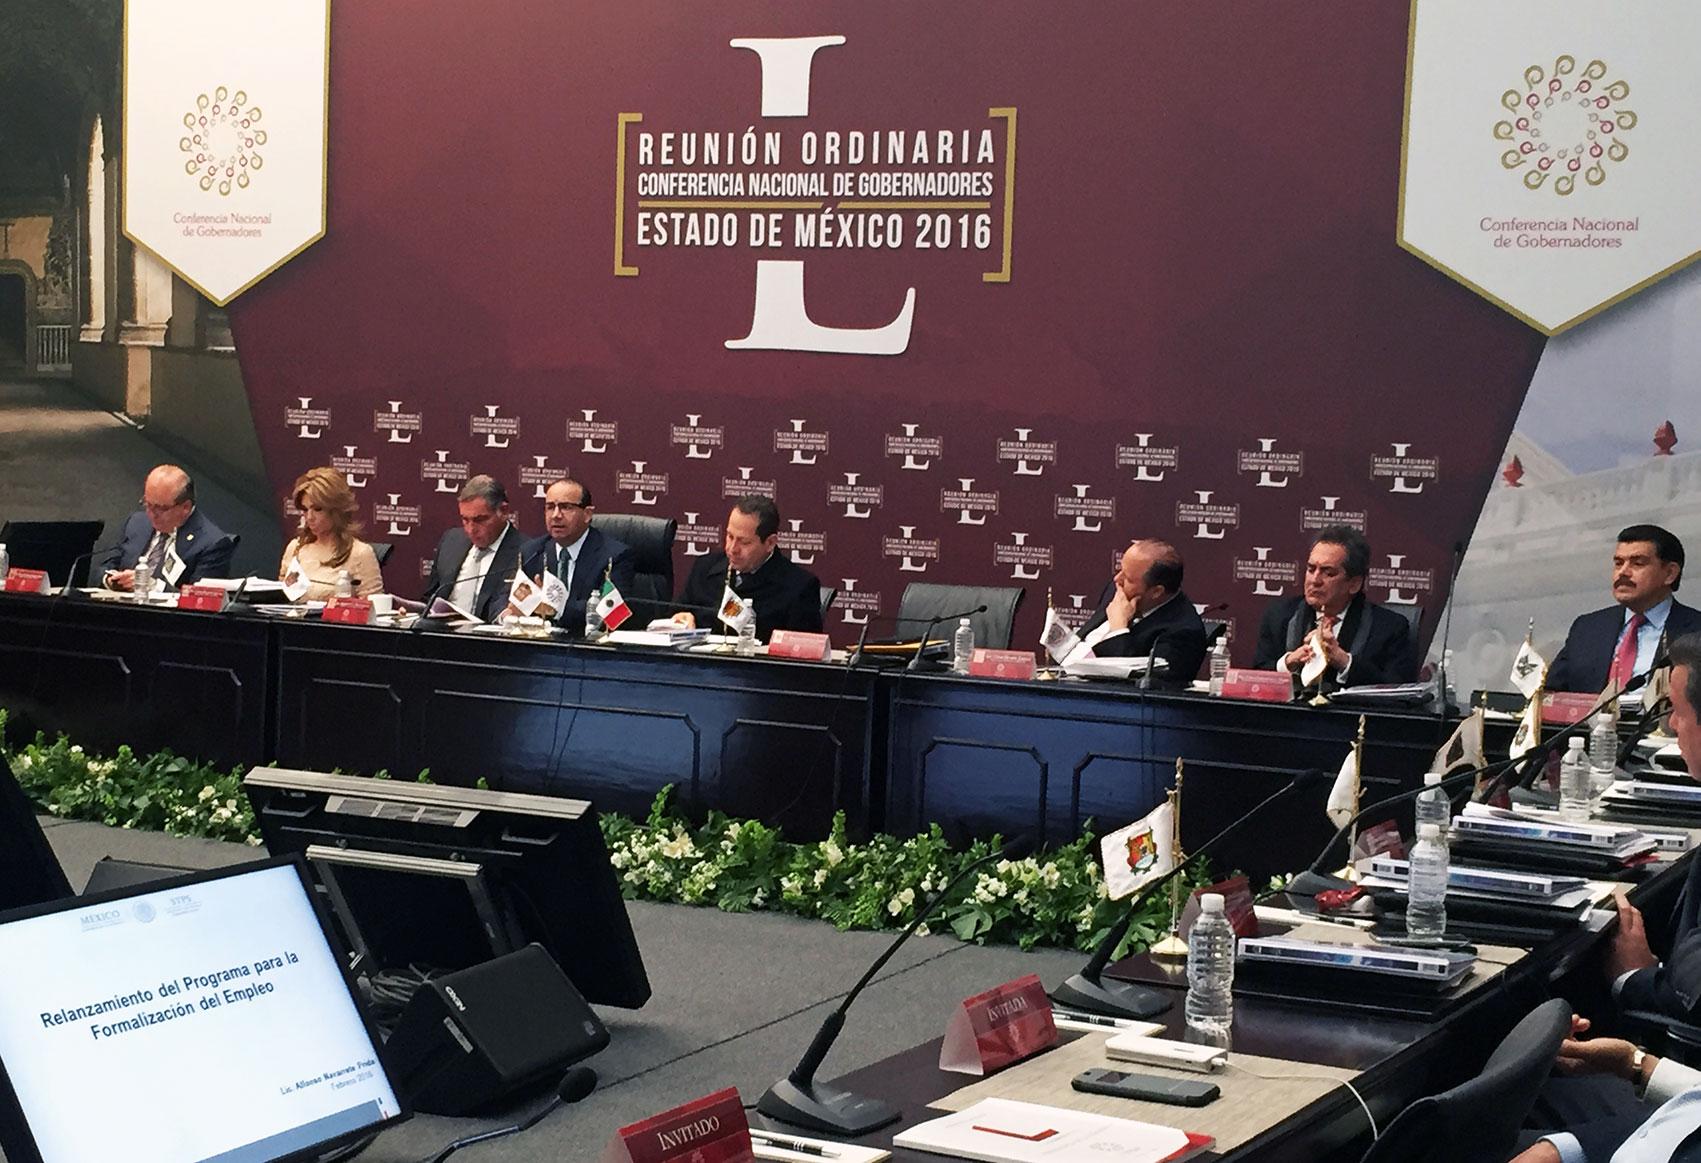 El Secretario del Trabajo y Previsión Social, Alfonso Navarrete Prida, durante su participación en la Conferencia Nacional de Gobernadores.